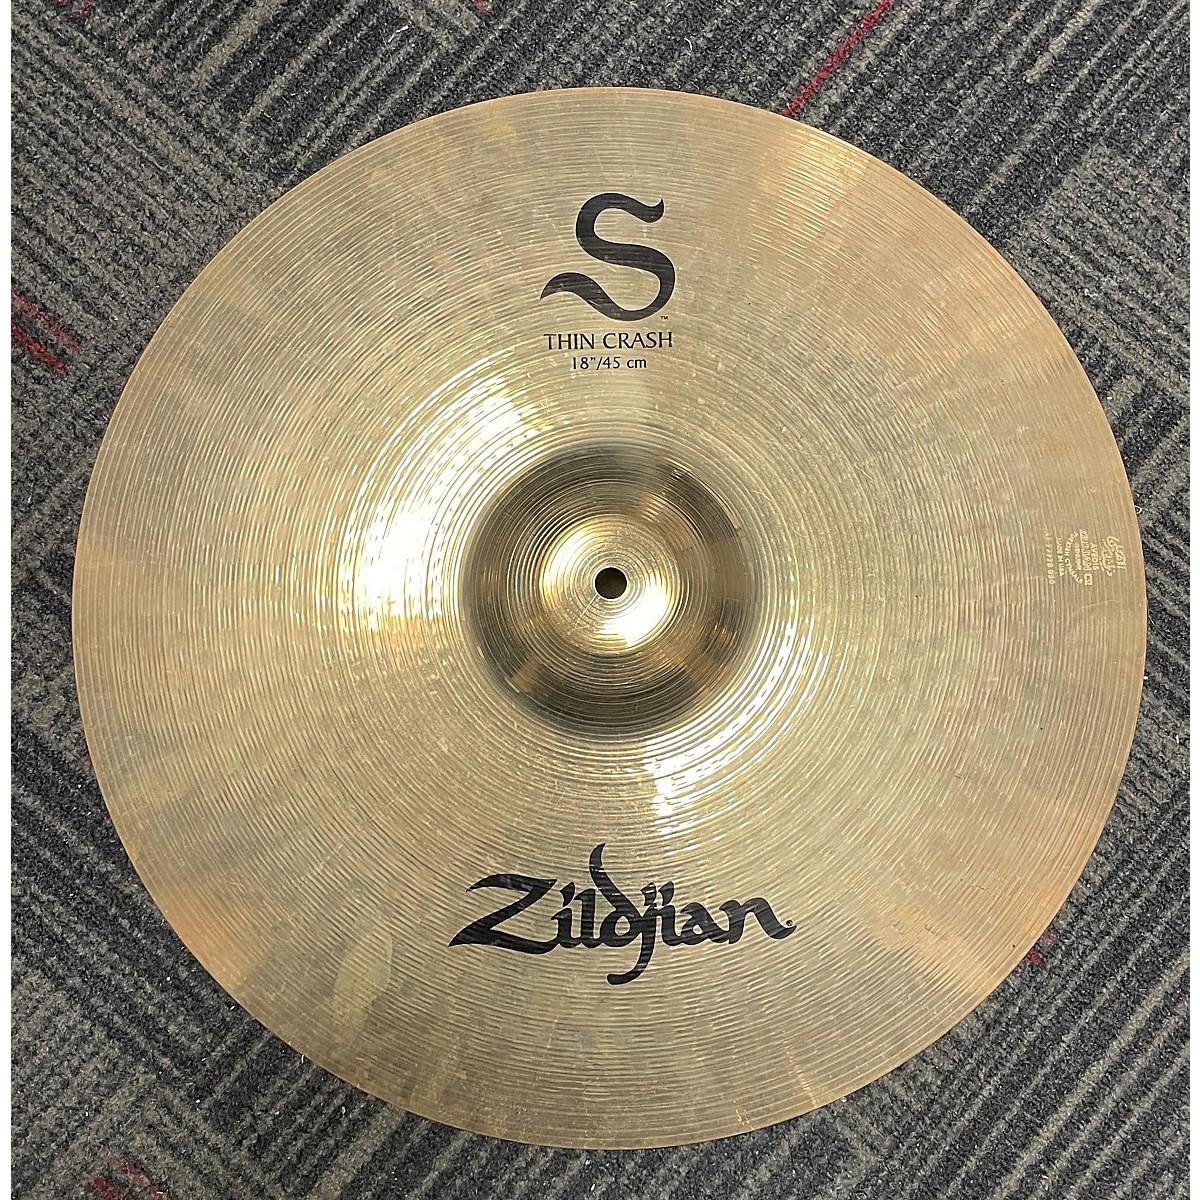 Zildjian 18in S Family Thin Crash Cymbal